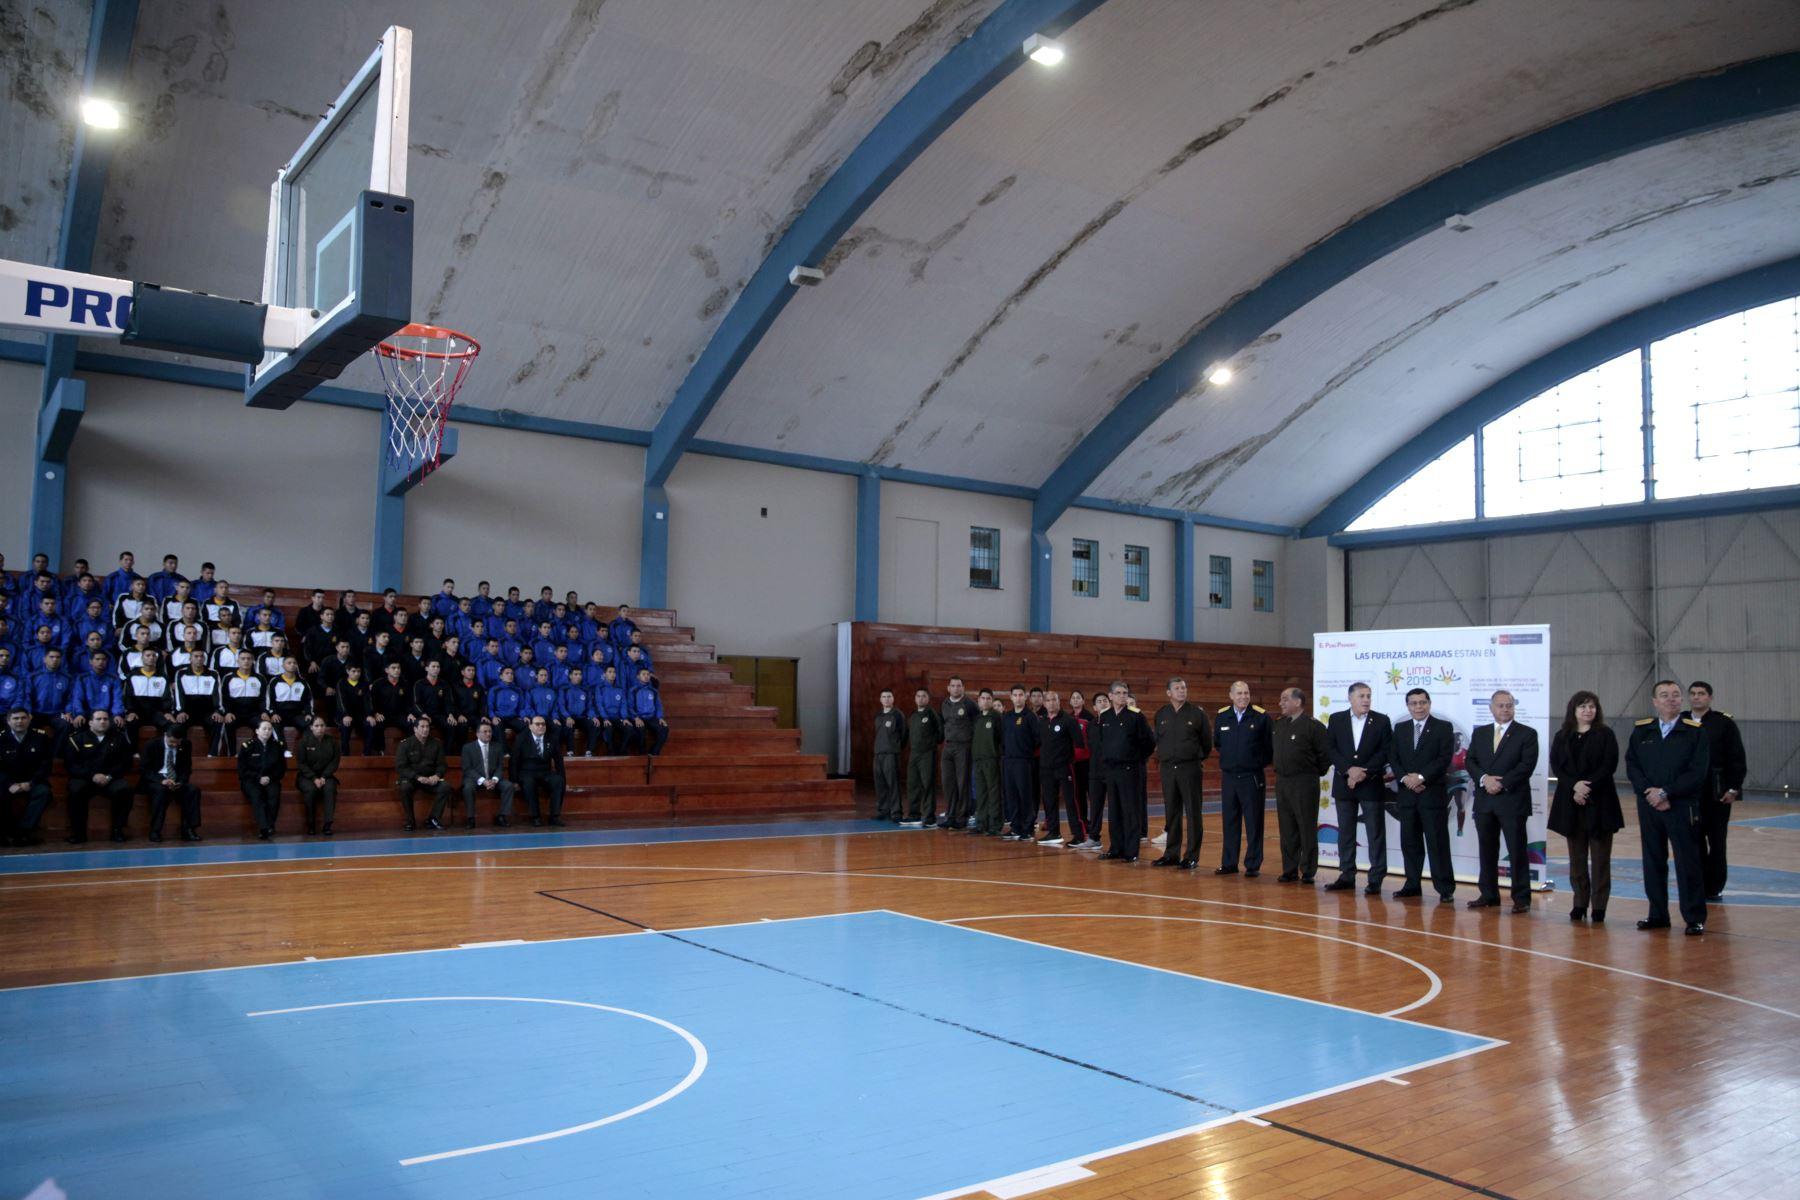 Ministro de Defensa presenta deportistas militares clasificados a los Juegos Panamericanos Lima 2019 Foto: ANDINA/Miguel Mejía Castro